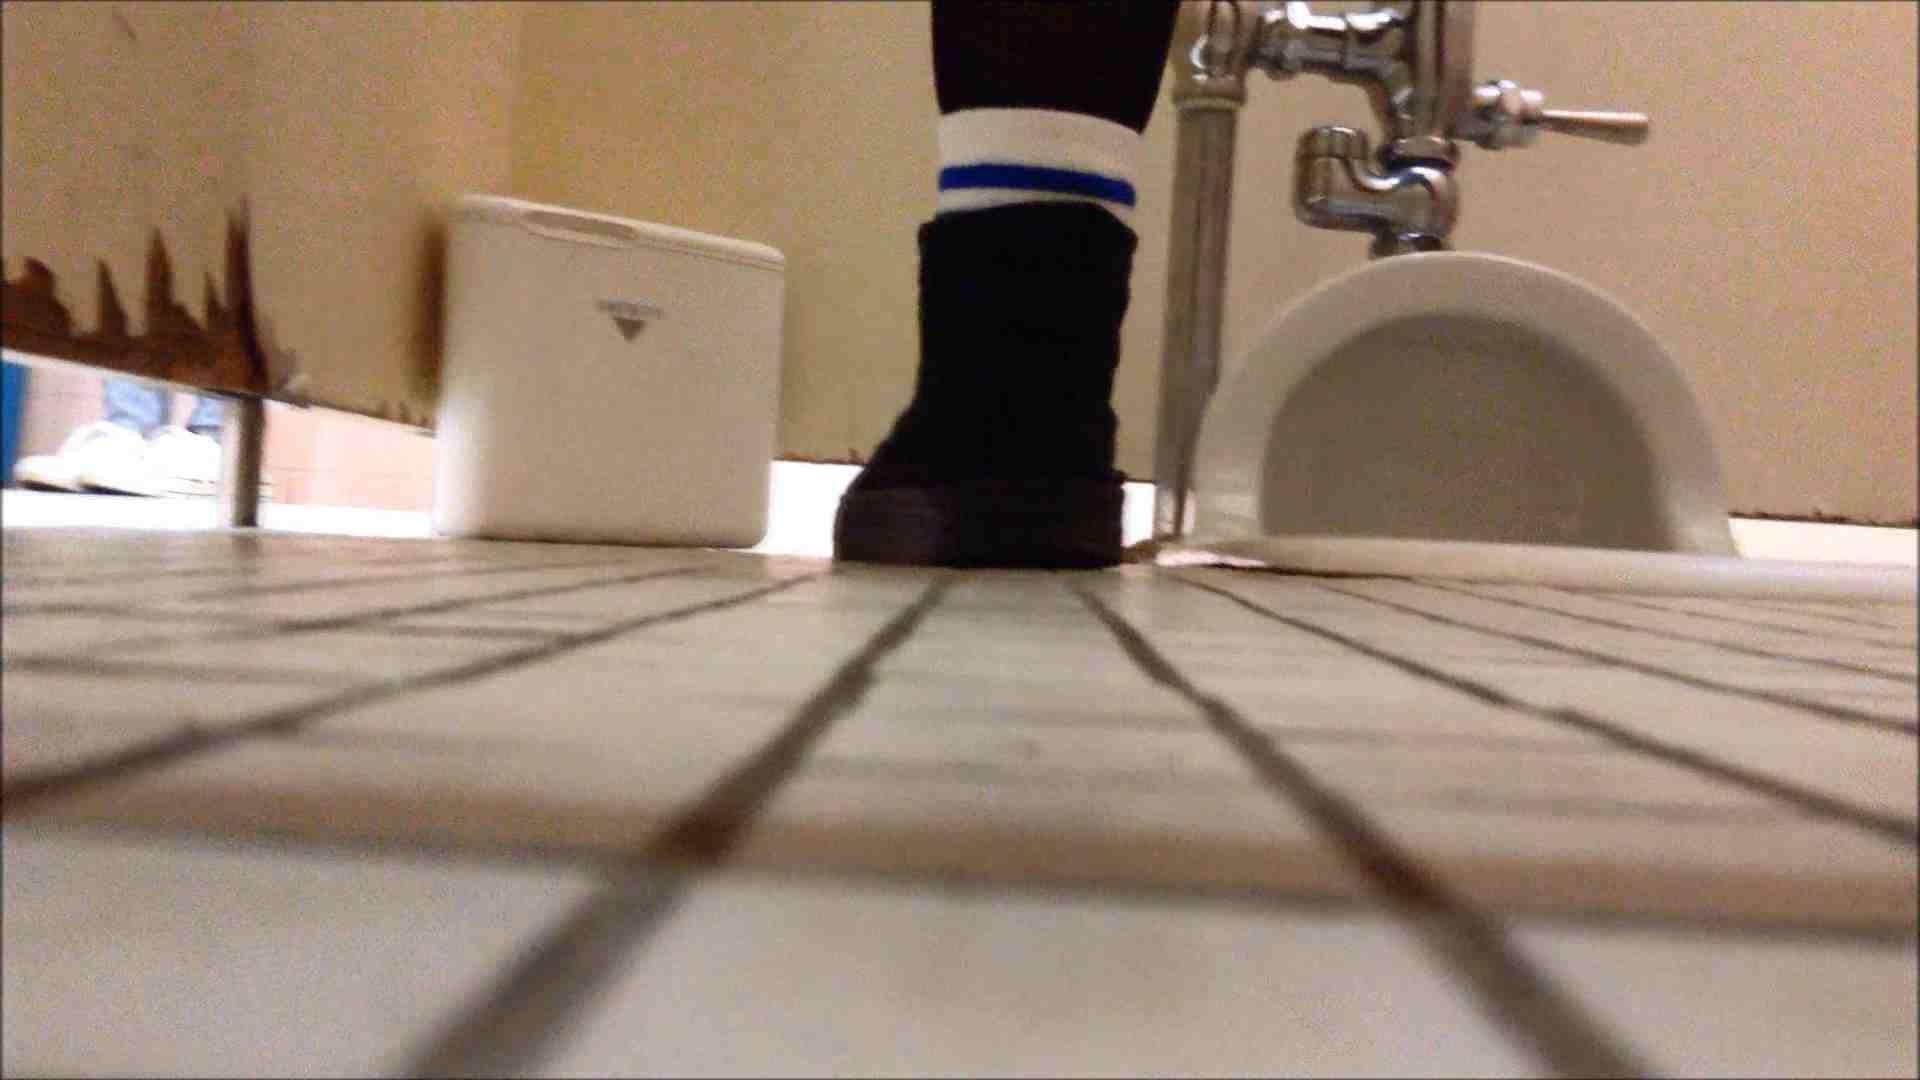 某有名大学女性洗面所 vol.14 潜入 アダルト動画キャプチャ 105PIX 11